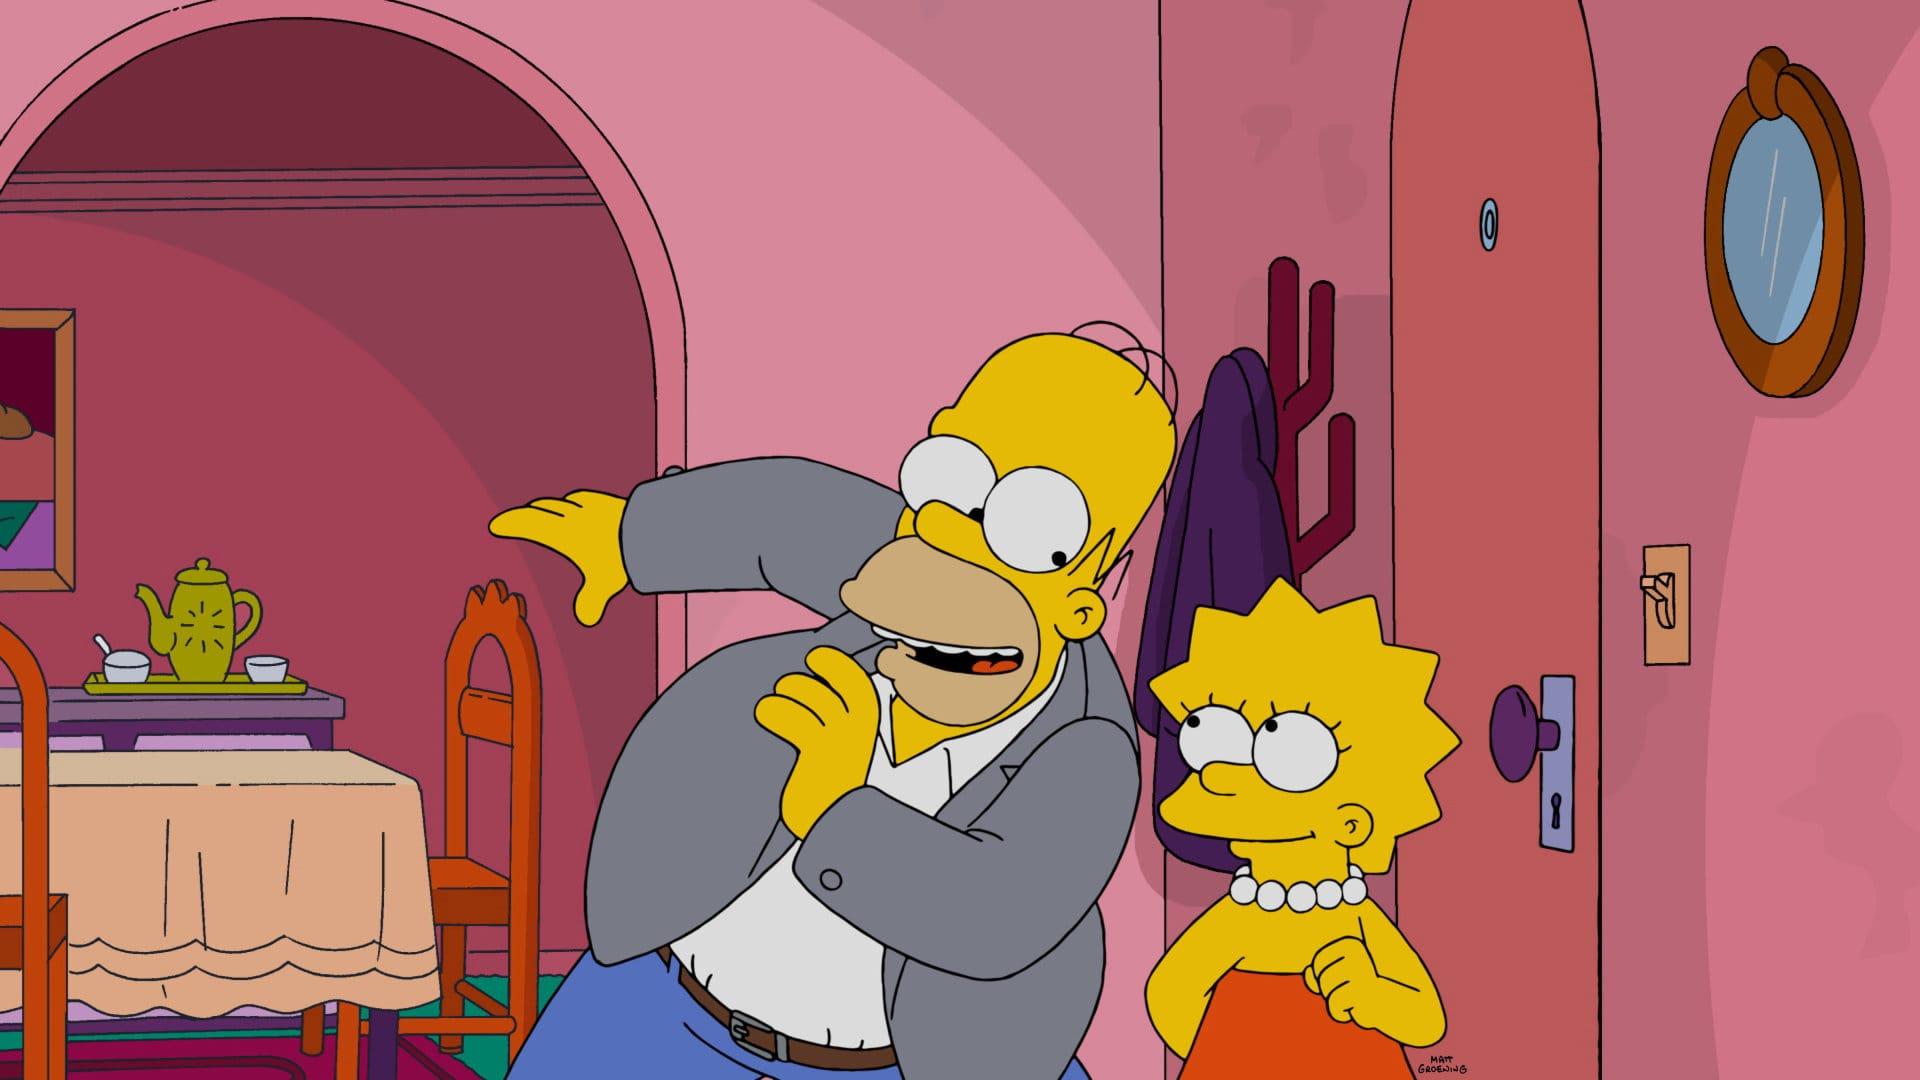 Les Simpson - Lisa avec un s